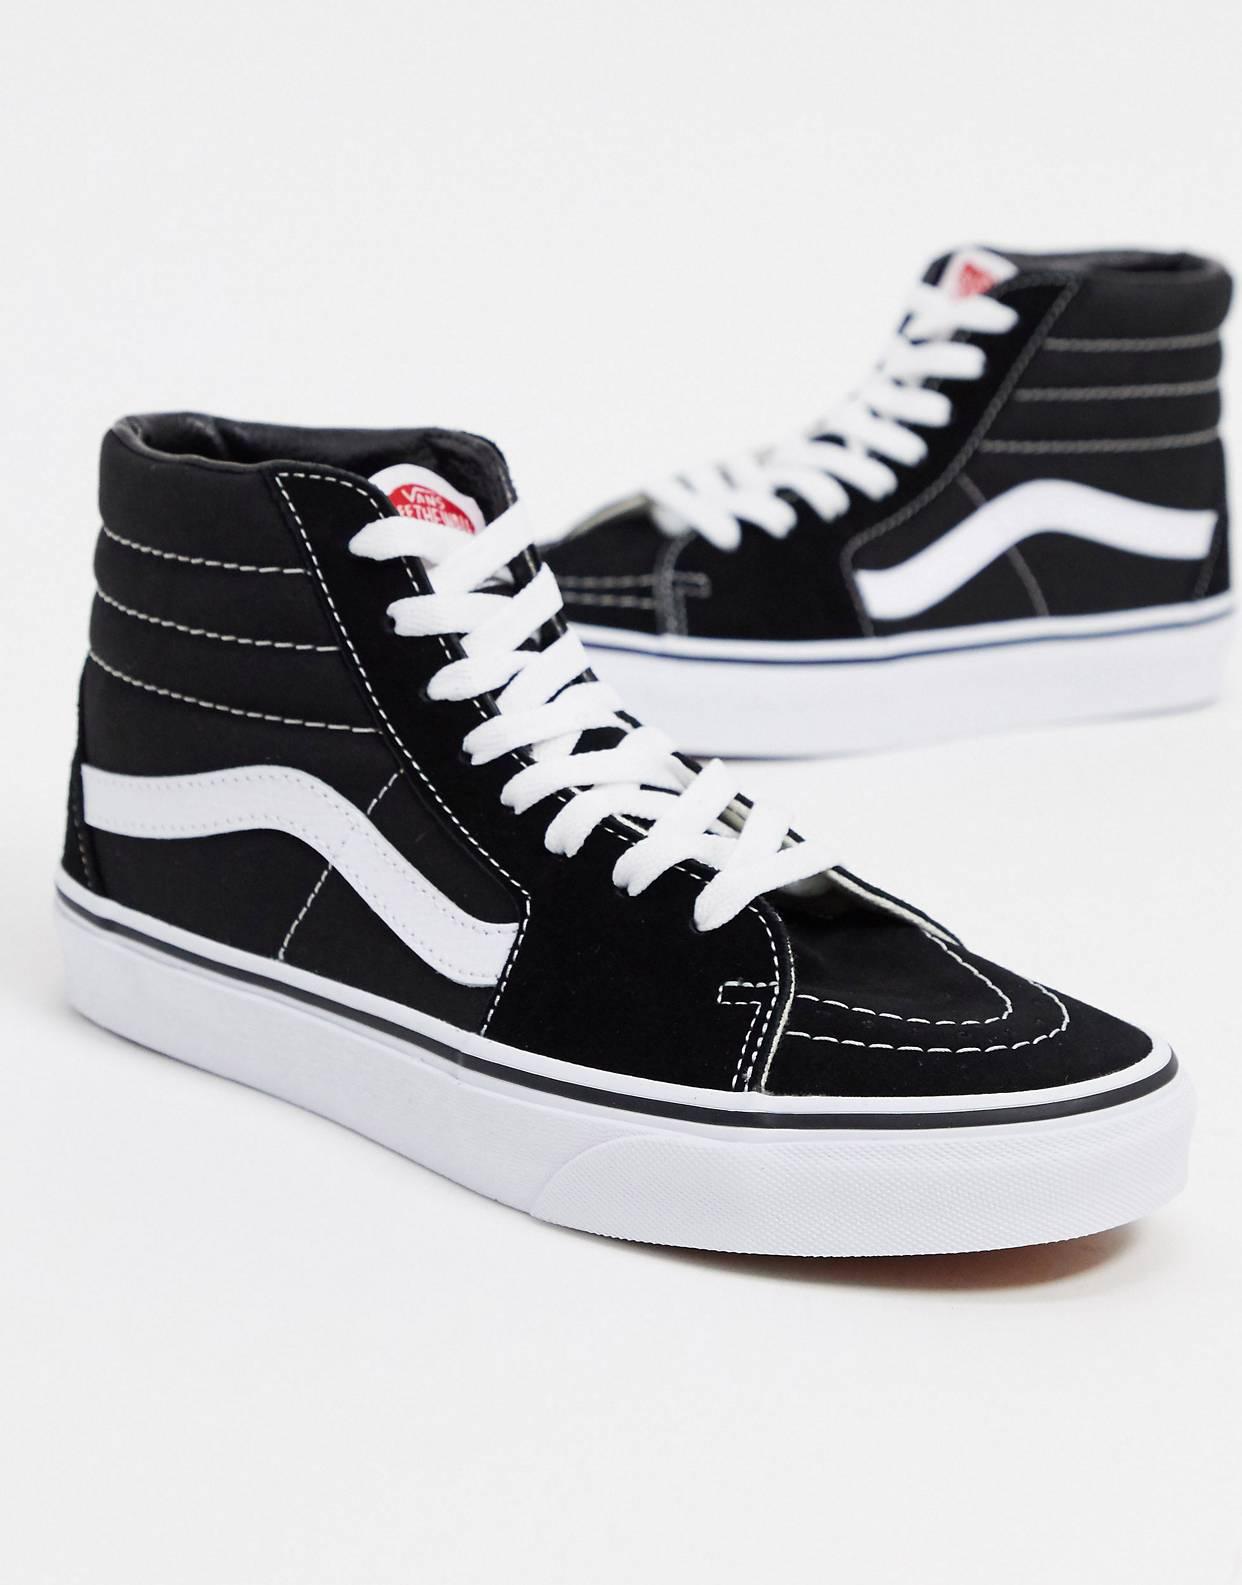 Zapatillas SK8-Hi en blanco y negro de Vans